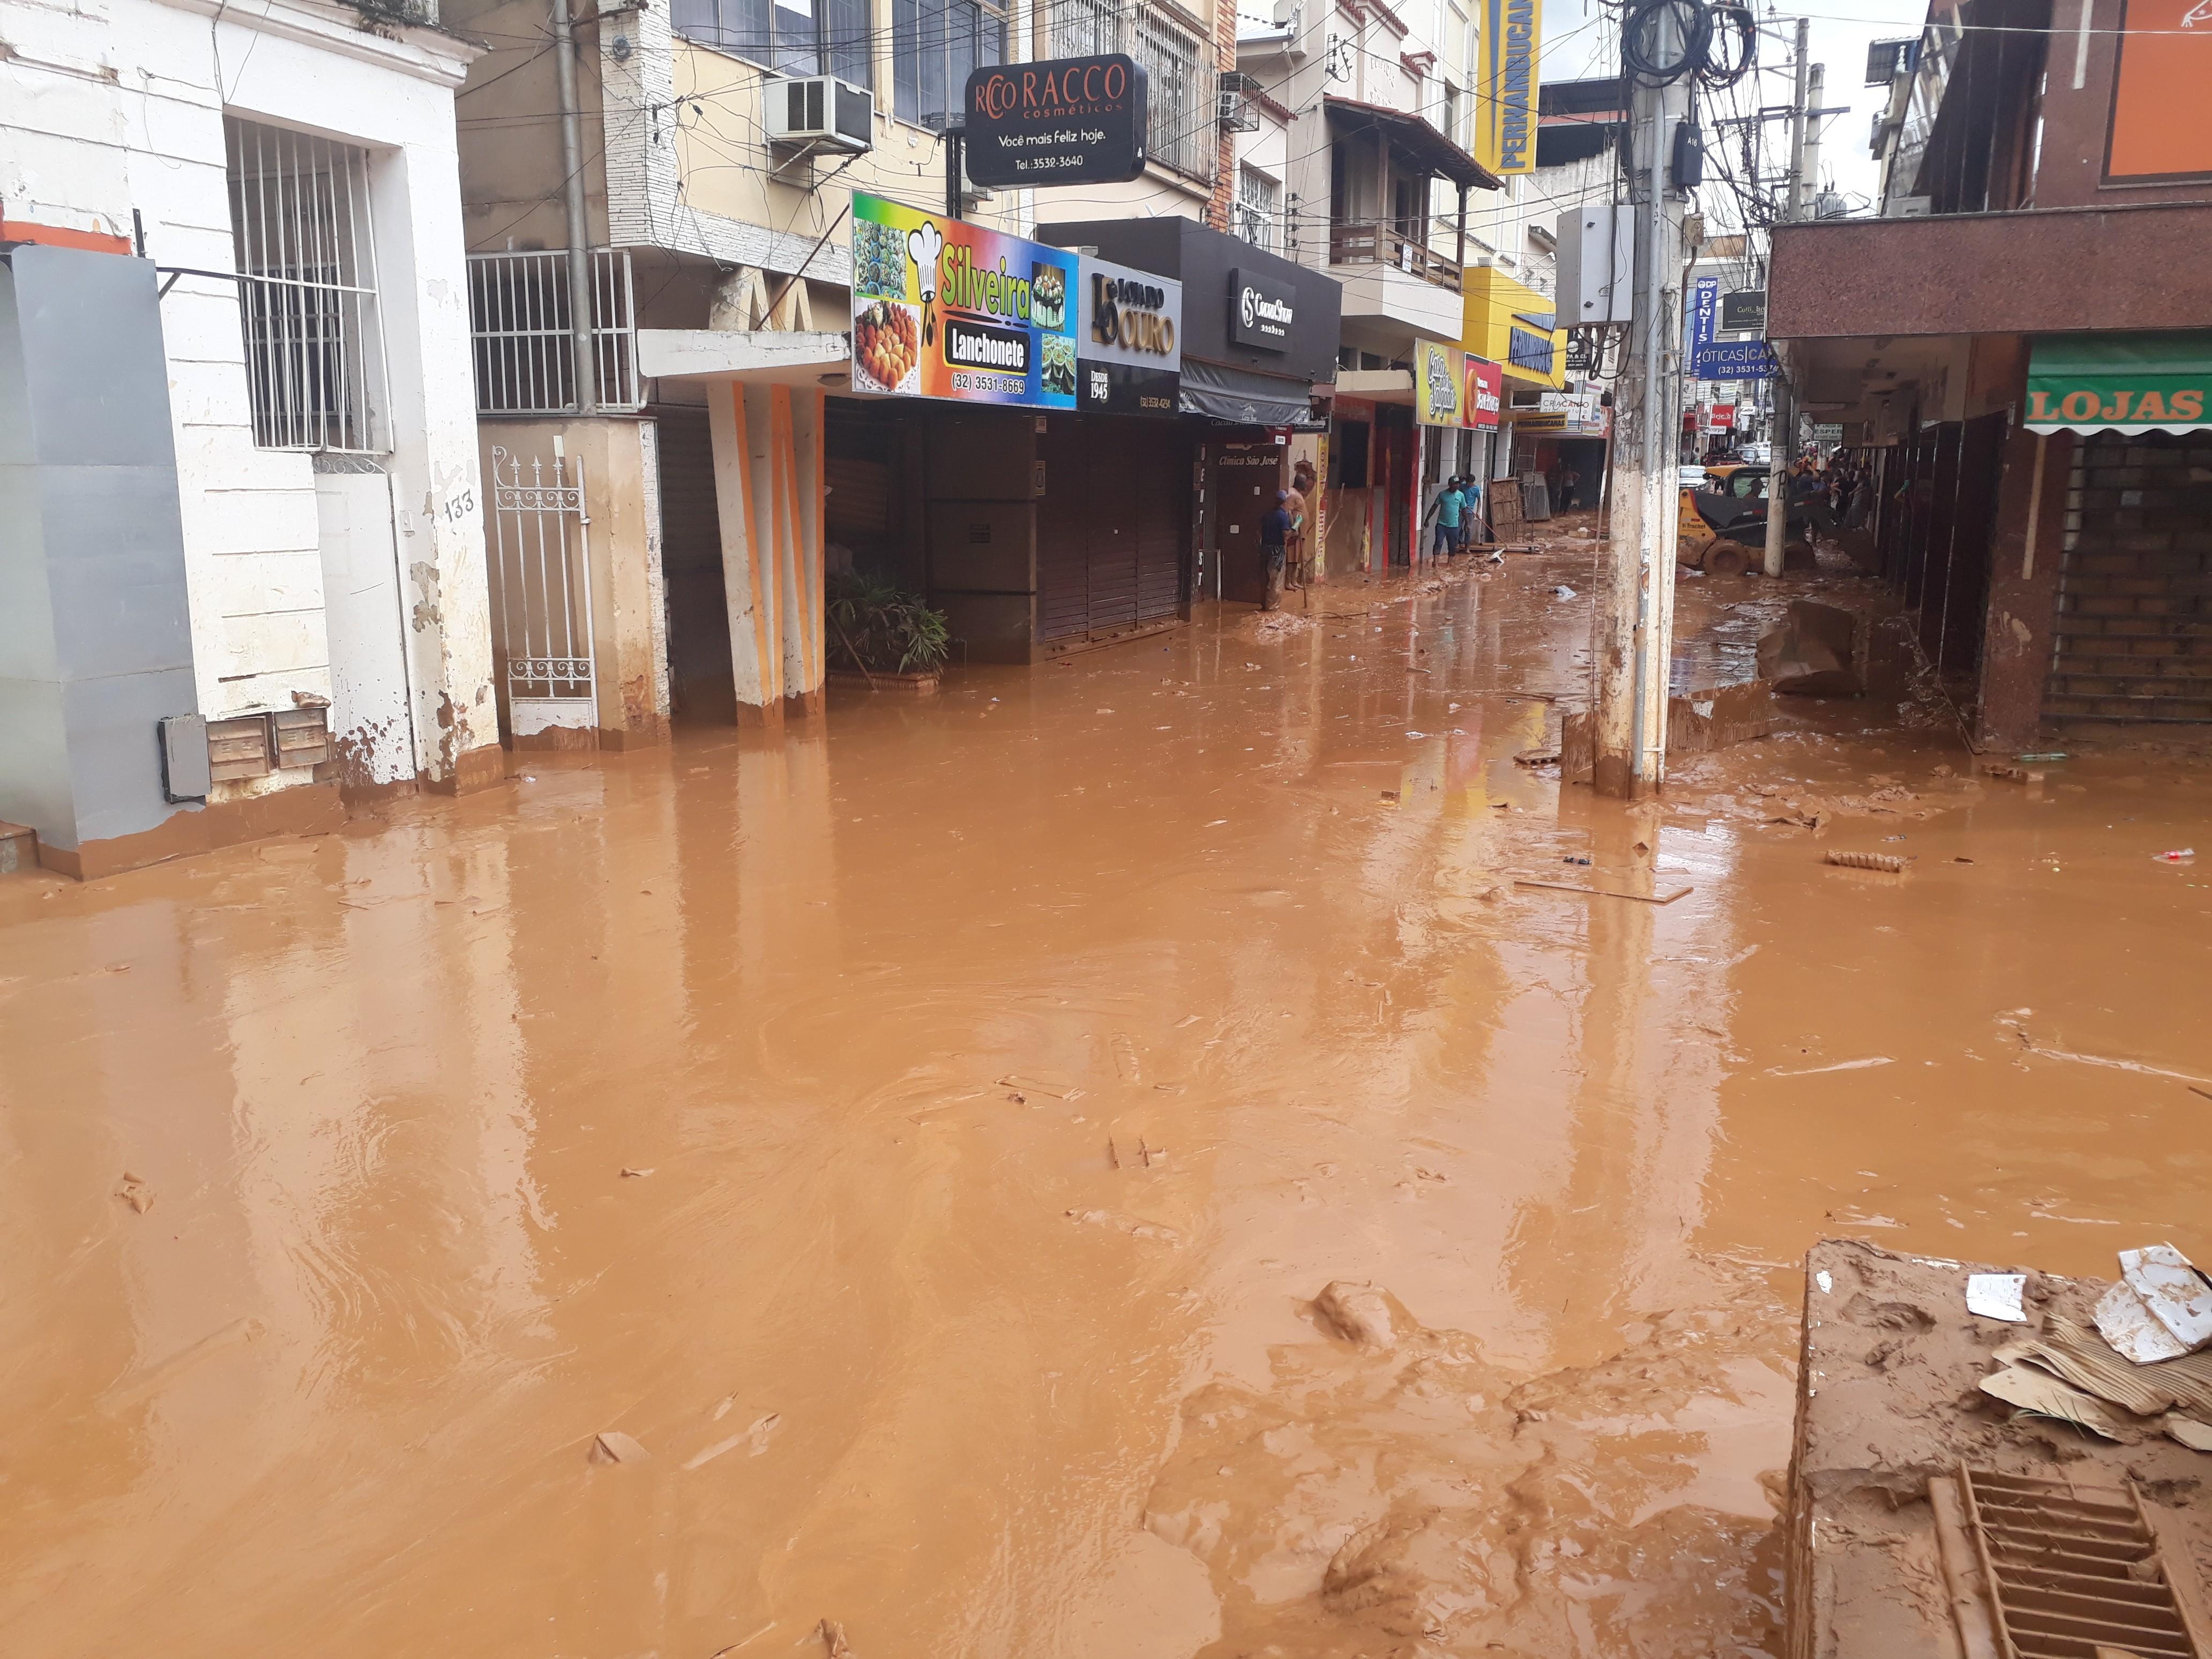 Prefeitura de Ubá decreta situação de emergência após enchente histórica